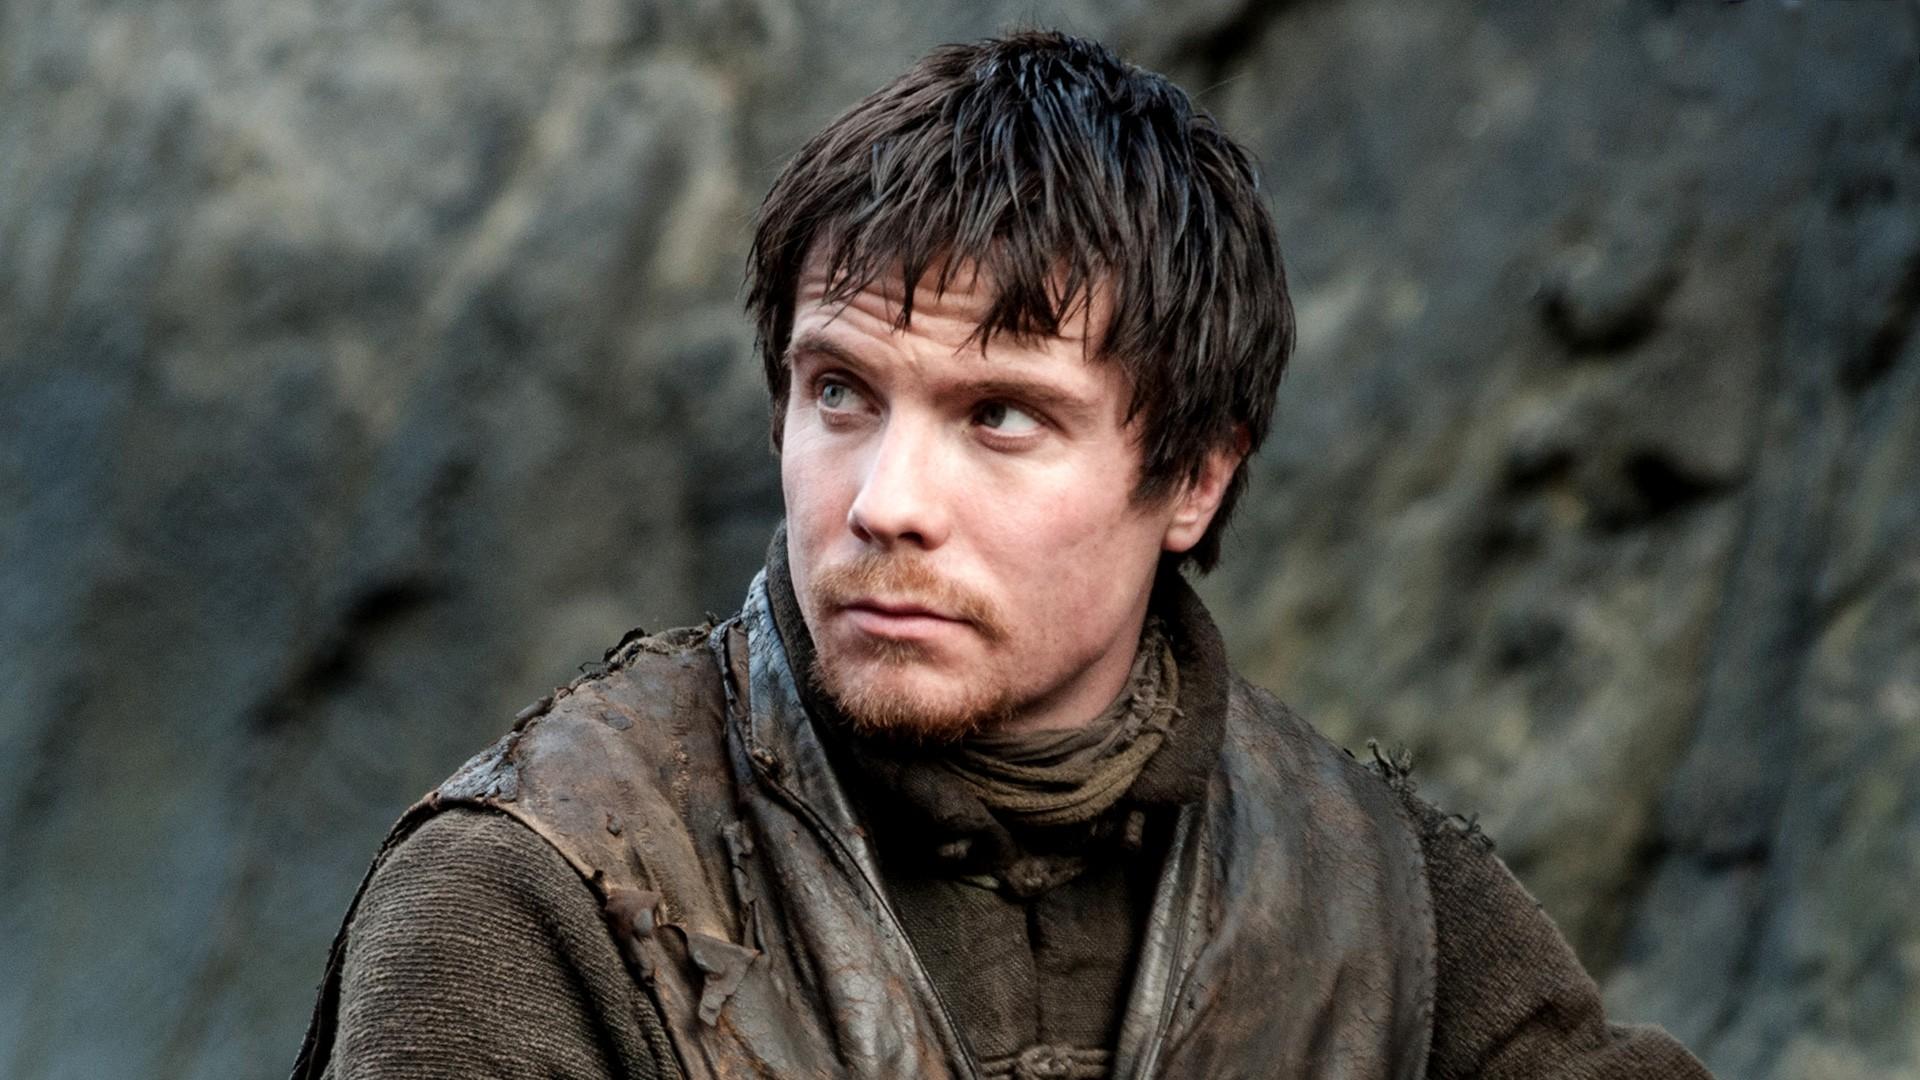 Gendry em Game of Thrones' (Foto: Divulgação)